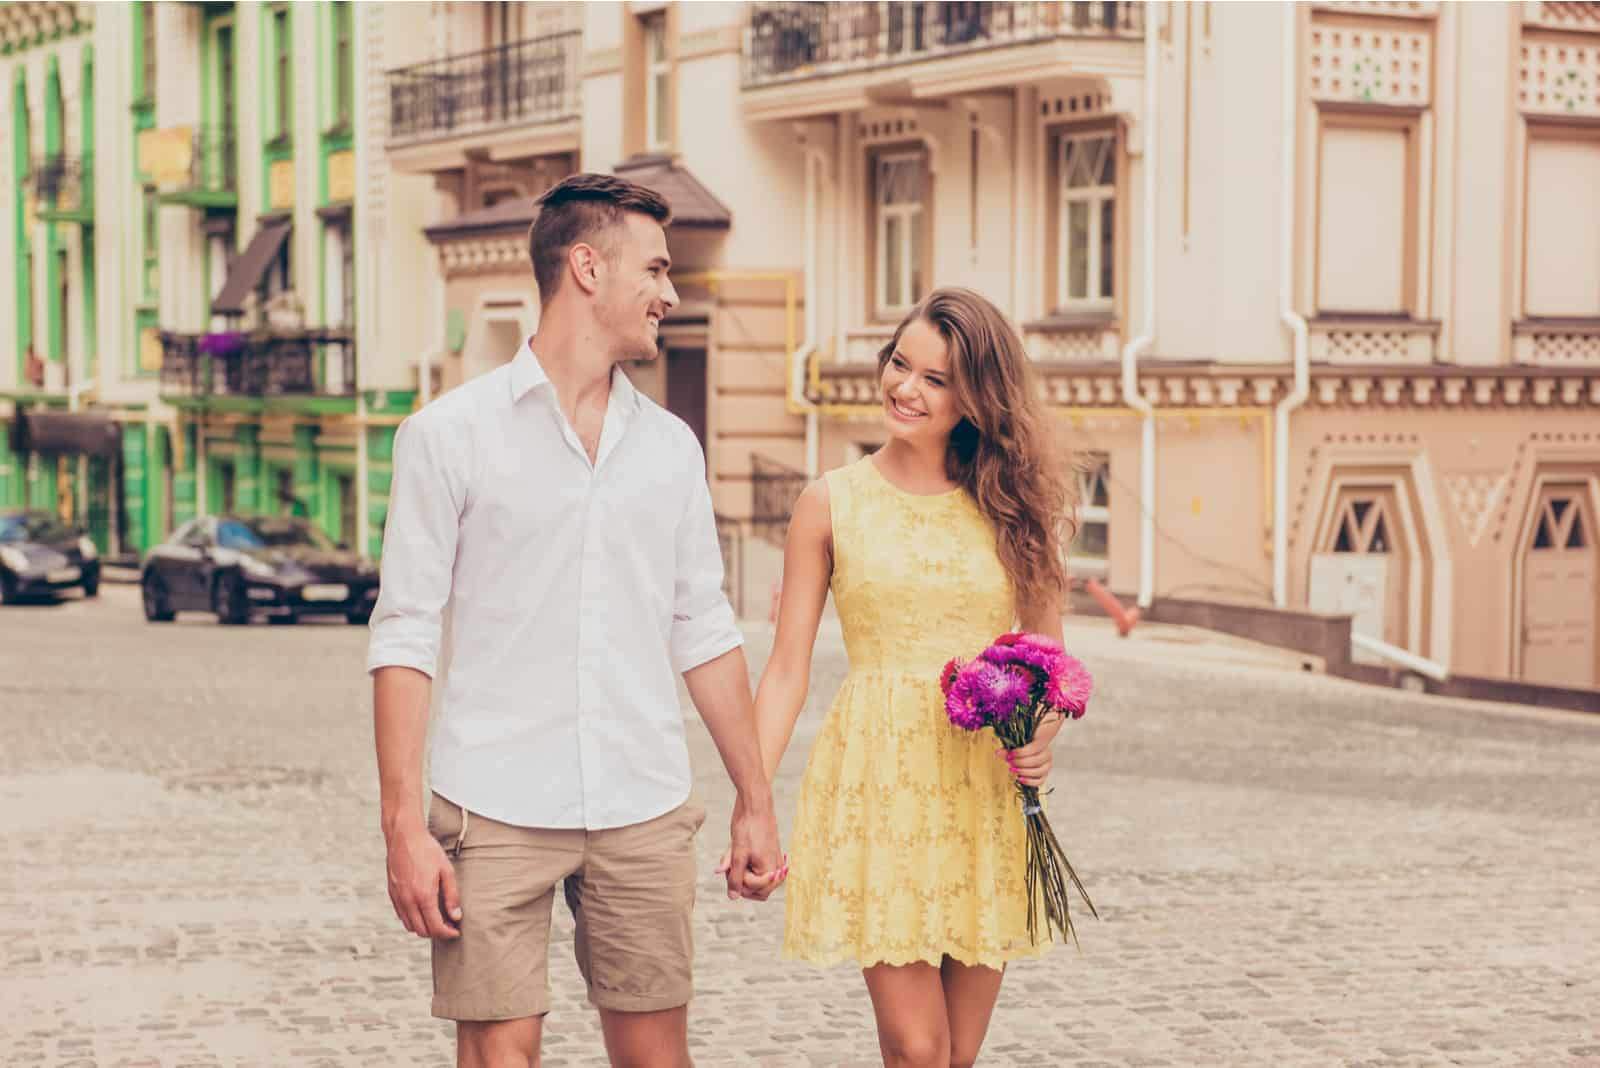 ein verliebtes Paar, das Händchen haltend die Straße entlang geht